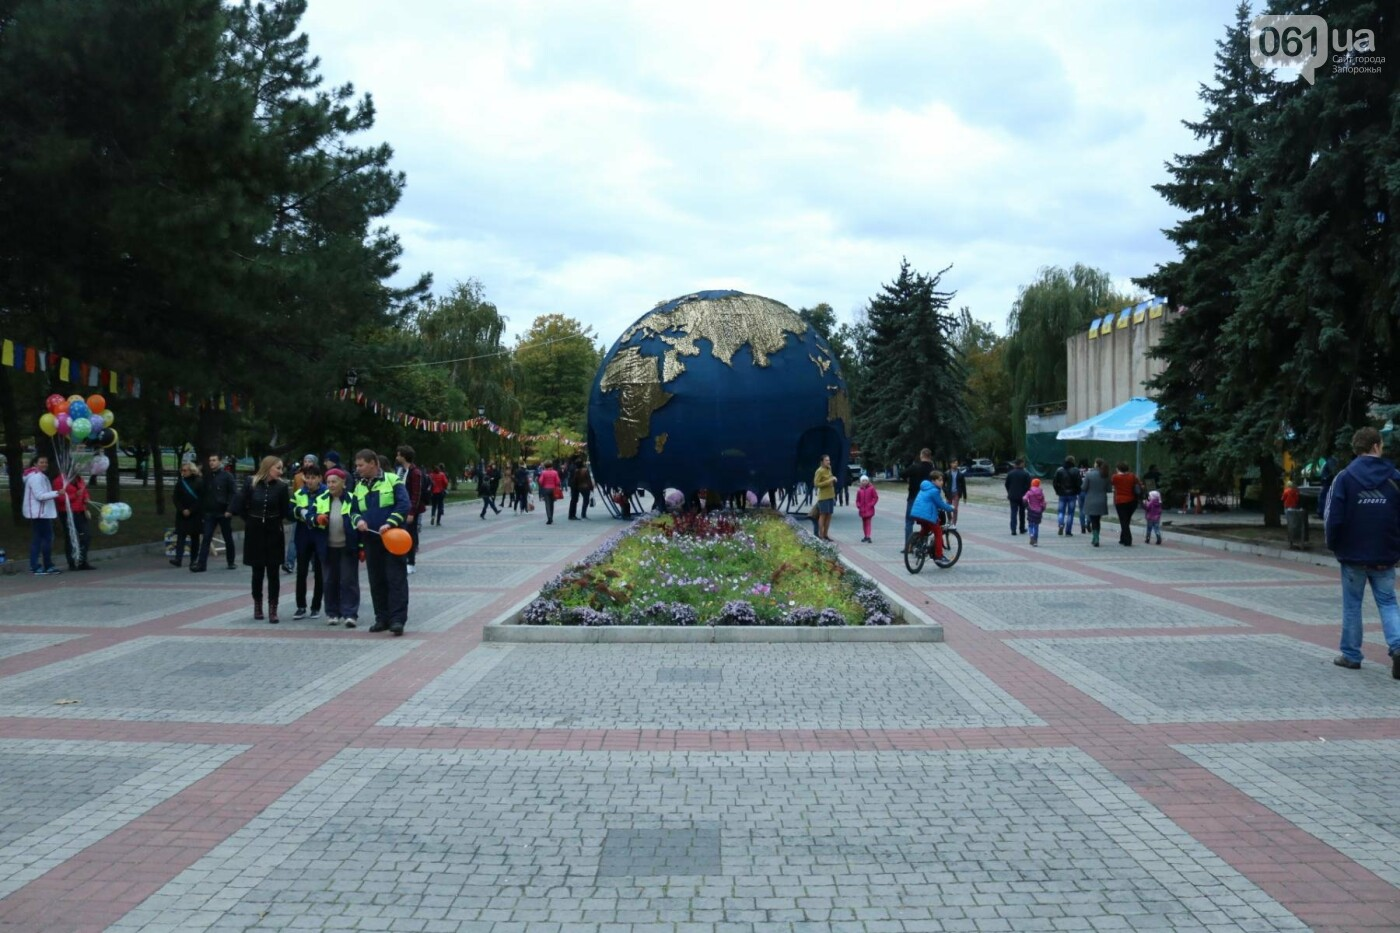 В парке Трудовой славы Onuka провела саундчек перед вечерним концертом, - ФОТО , фото-17